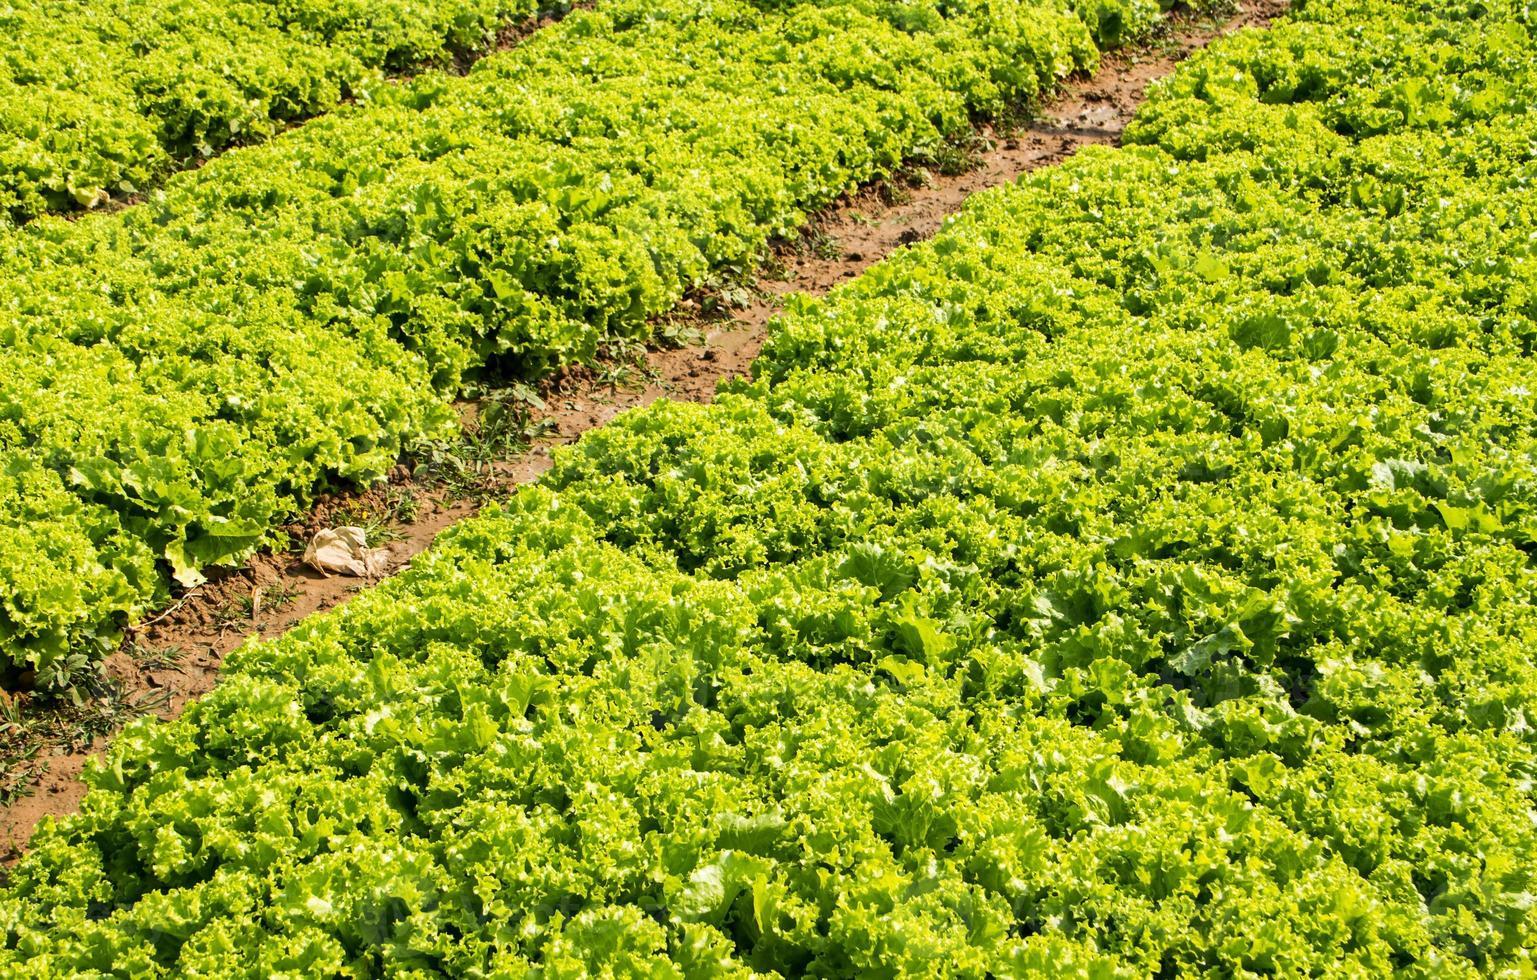 laitue à la ferme. photo